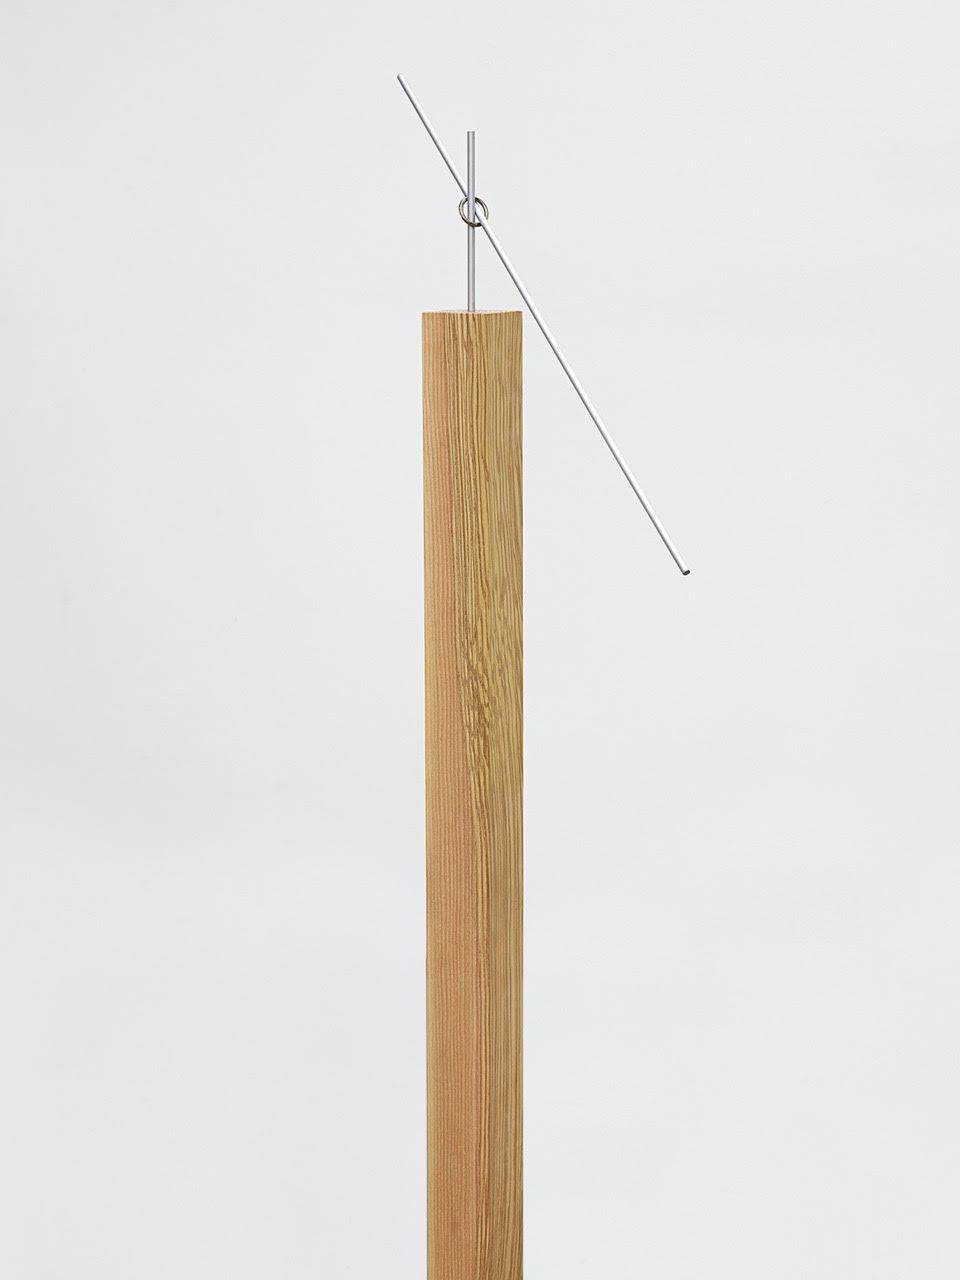 Axe , 2015, legno di frassino, alluminio 110 x 8 x 8 cm